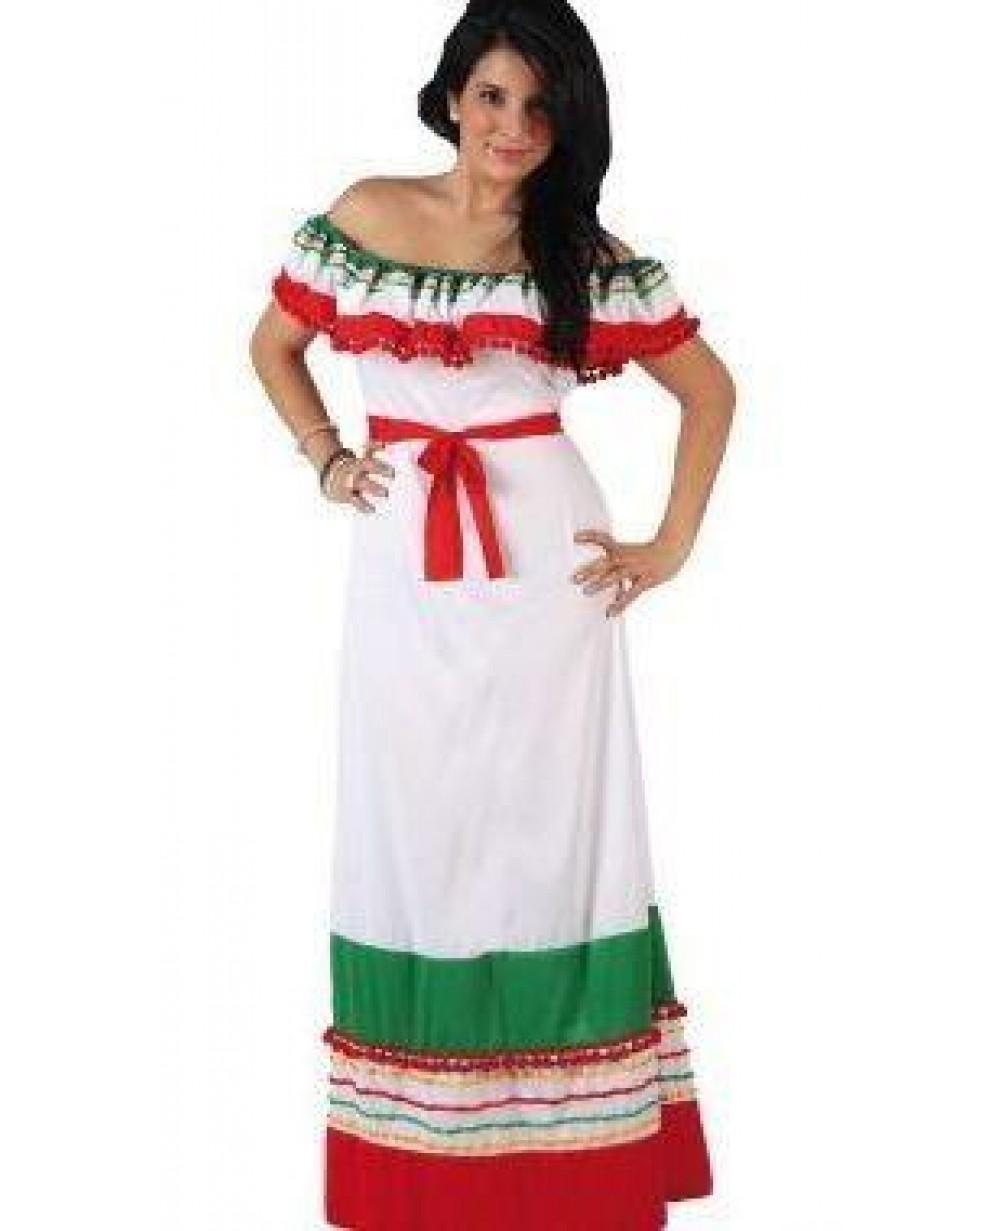 Il negozio online giochi carnevale scuola costume da messicana t 2 - Costume da bagno traduzione ...